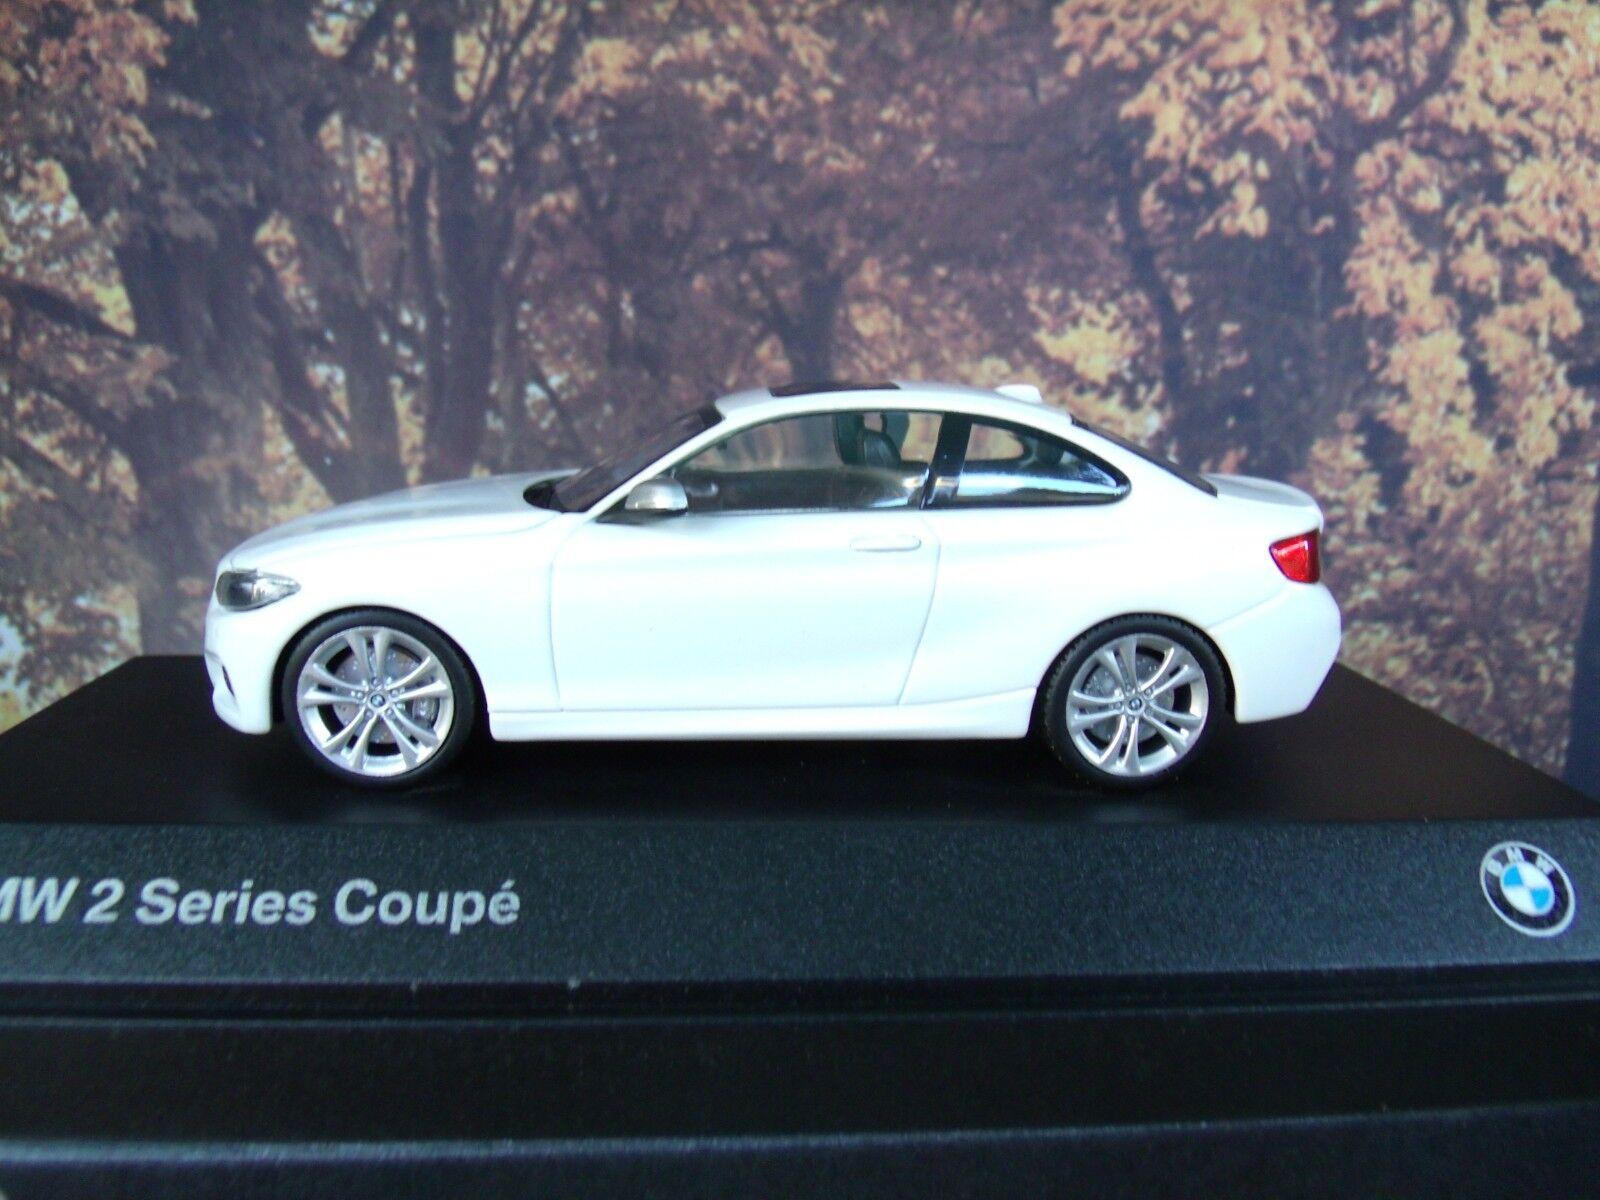 1 43 43 43  Minichamps BMW 2er Coupe  2013 211f1c